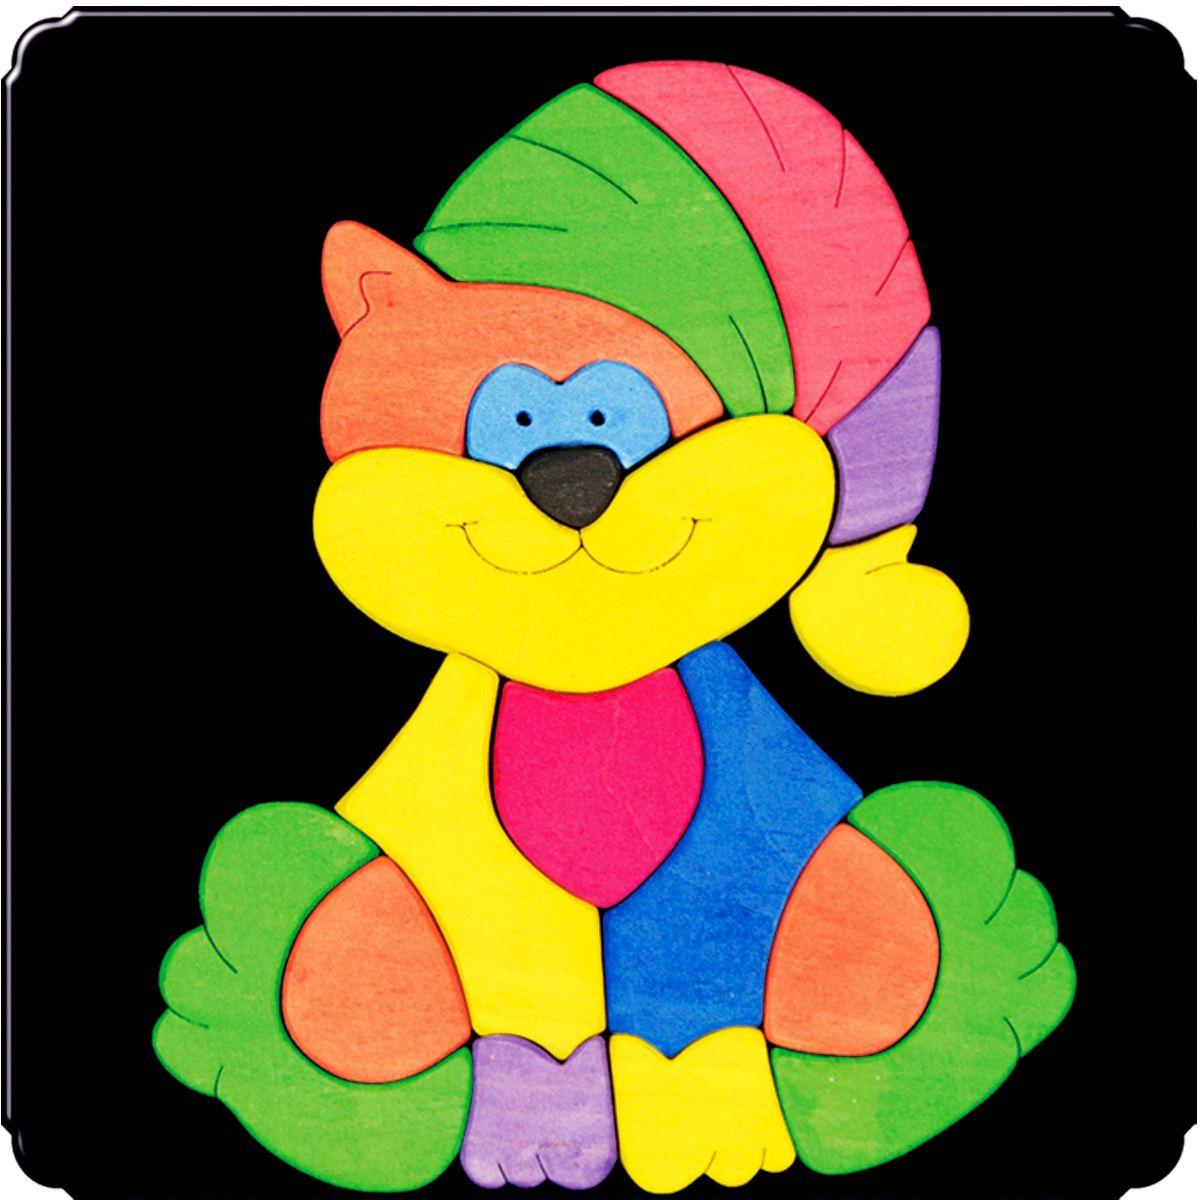 Деревяшкино Пазл для малышей Котик114Красочная игрушка-головоломка из натурального дерева на магнитной доске. Незаменима в машине, поездке – в любом месте, где Вашему малышу удобно играть. Удивительный мир ярких красок и фантазий везде с Вами! Каждая деталька мозаики крепко держится на магнитной доске. Ваш юный фантазер сможет не только решить сложную задачу: собрать головоломку как на картинке, но и, используя фантазию, сможет создать уникальные и неповторимые композиции. Объединяйте несколько наборов – будет интереснее! Все детали выполнены из натурального дерева, окрашены безопасной пищевой краской. Деревянные игрушки дают возможность ощутить структуру, плотность, вес, запах материала. Ребенок получает правдивую информацию об окружающем мире. Развивает: мелкую моторику, абстрактное и логическое мышление, понимание цветов, геометрических форм. Методические рекомендации: объясните малышу почему детальки держатся на доске. Объясните как правильно собрать мозаику, но не помогайте в трудных местах. Попросите ребенка...